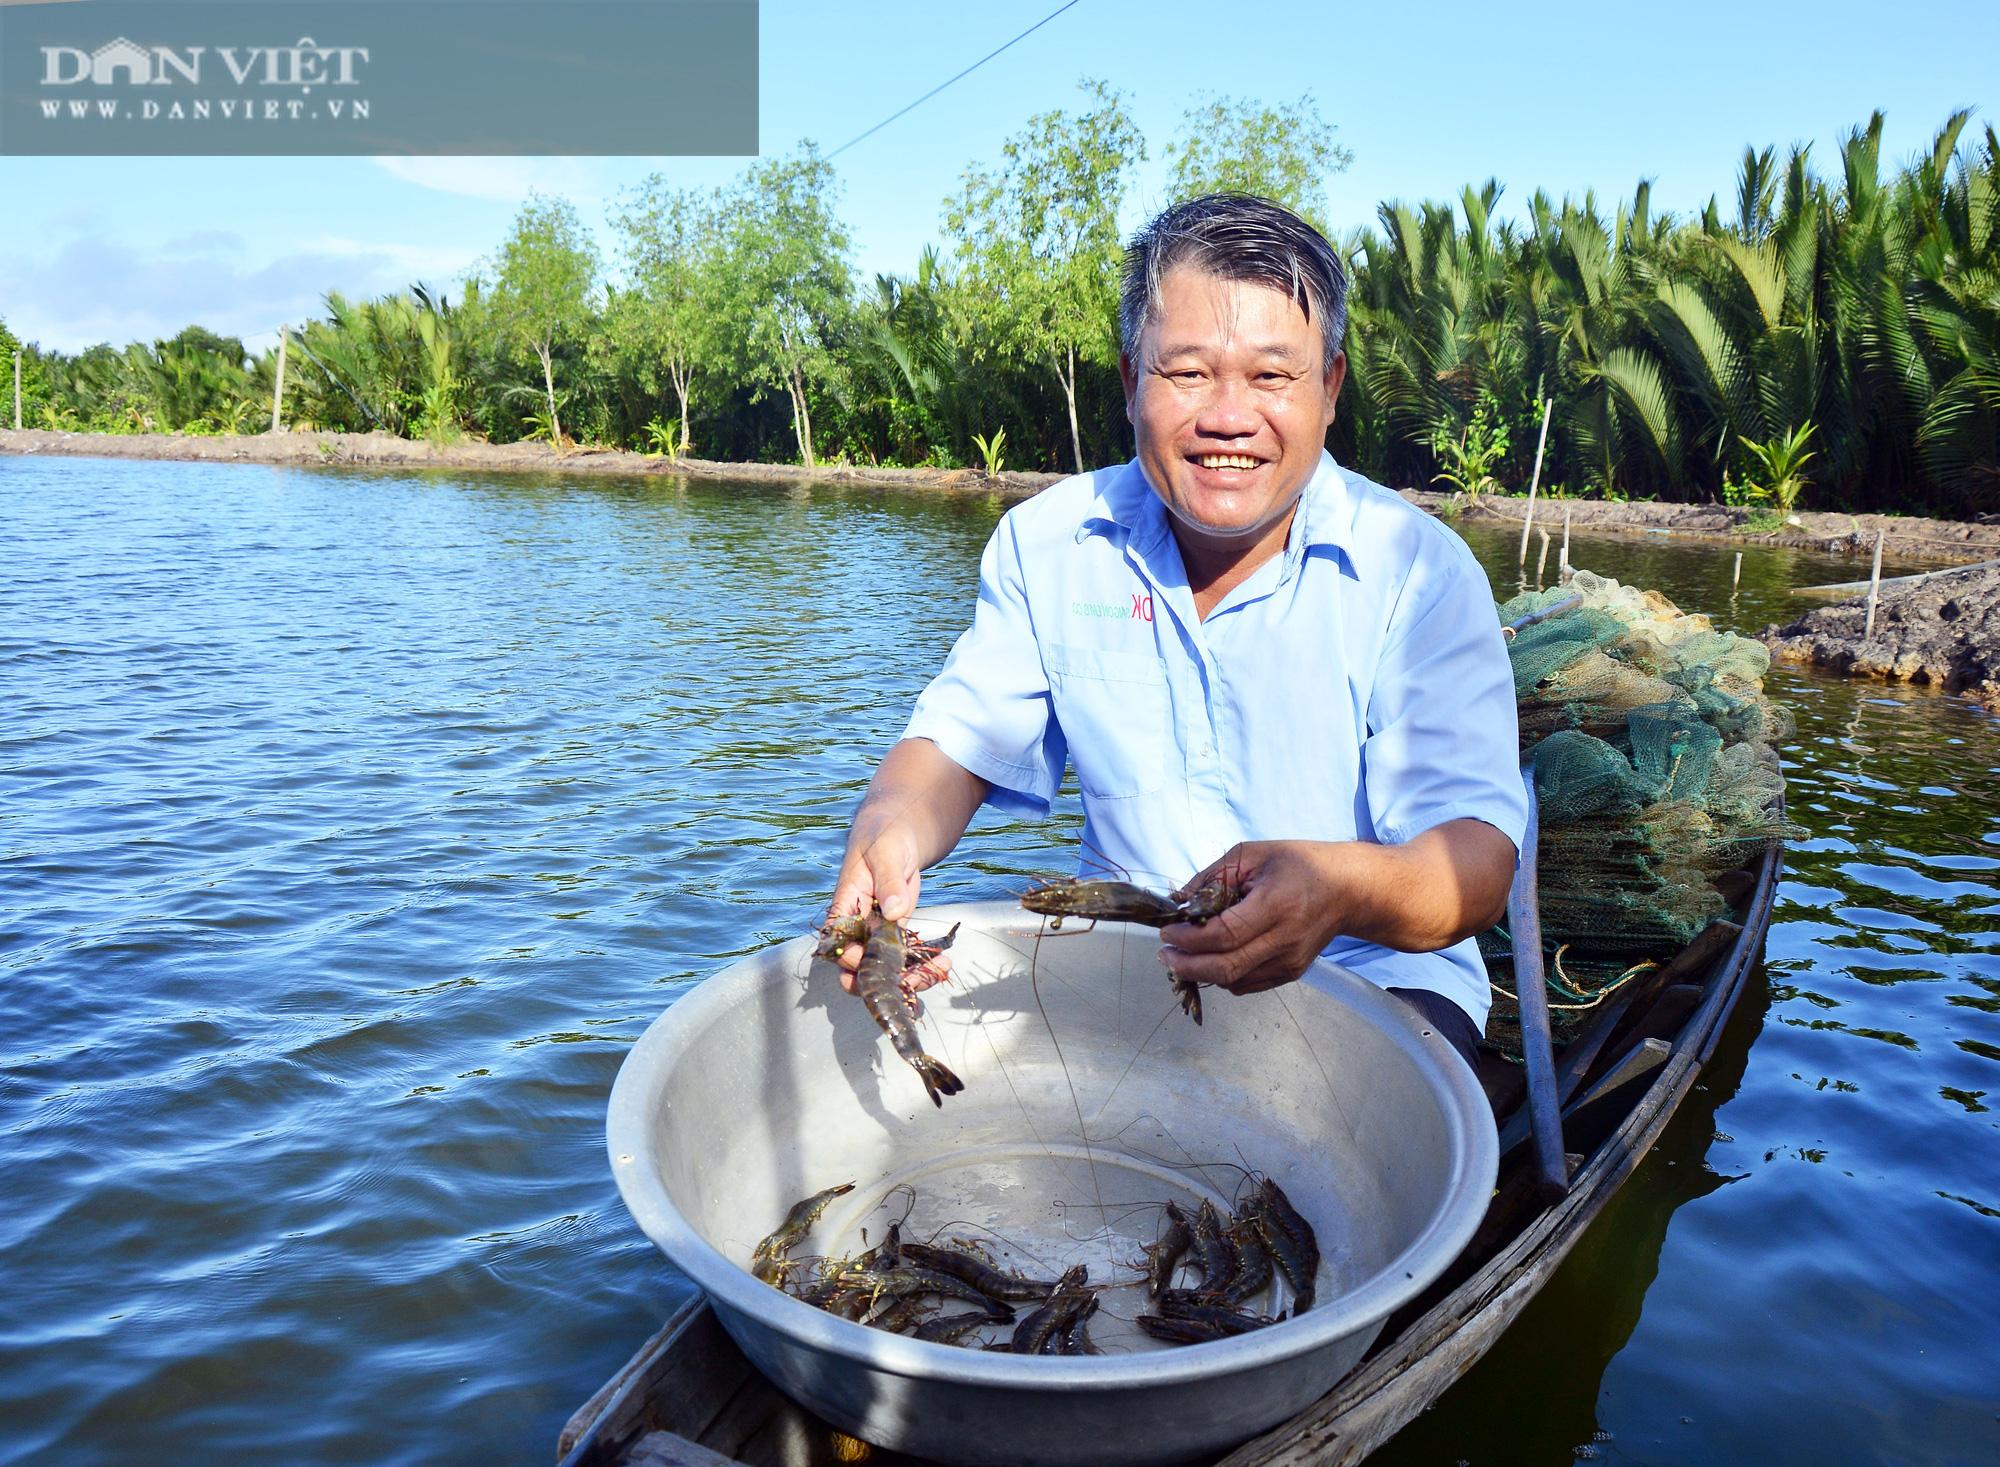 """Kiên Giang: Nông dân đổi đời nhờ cho tôm sú to bự """"chung nhà"""" với cua biển, chỉ 1 khu phố mà thu 140 tỷ"""